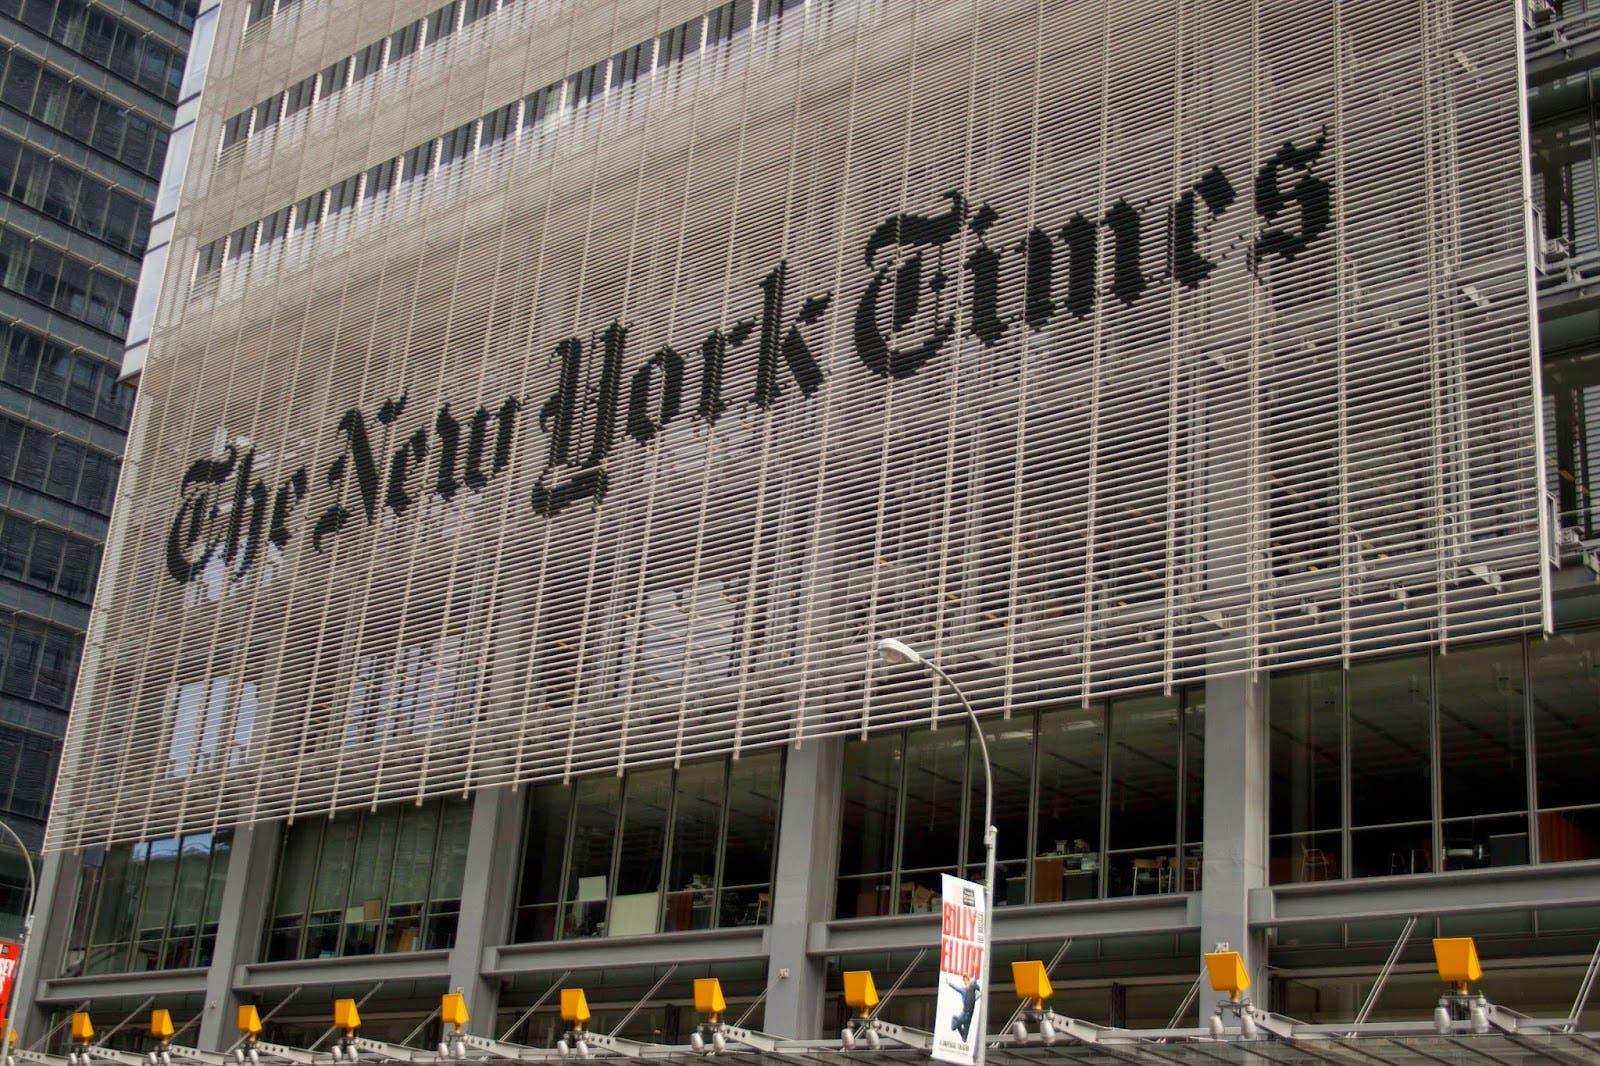 Unos 30 venezolanos protestan ante The New York Times y lo acusan de falso